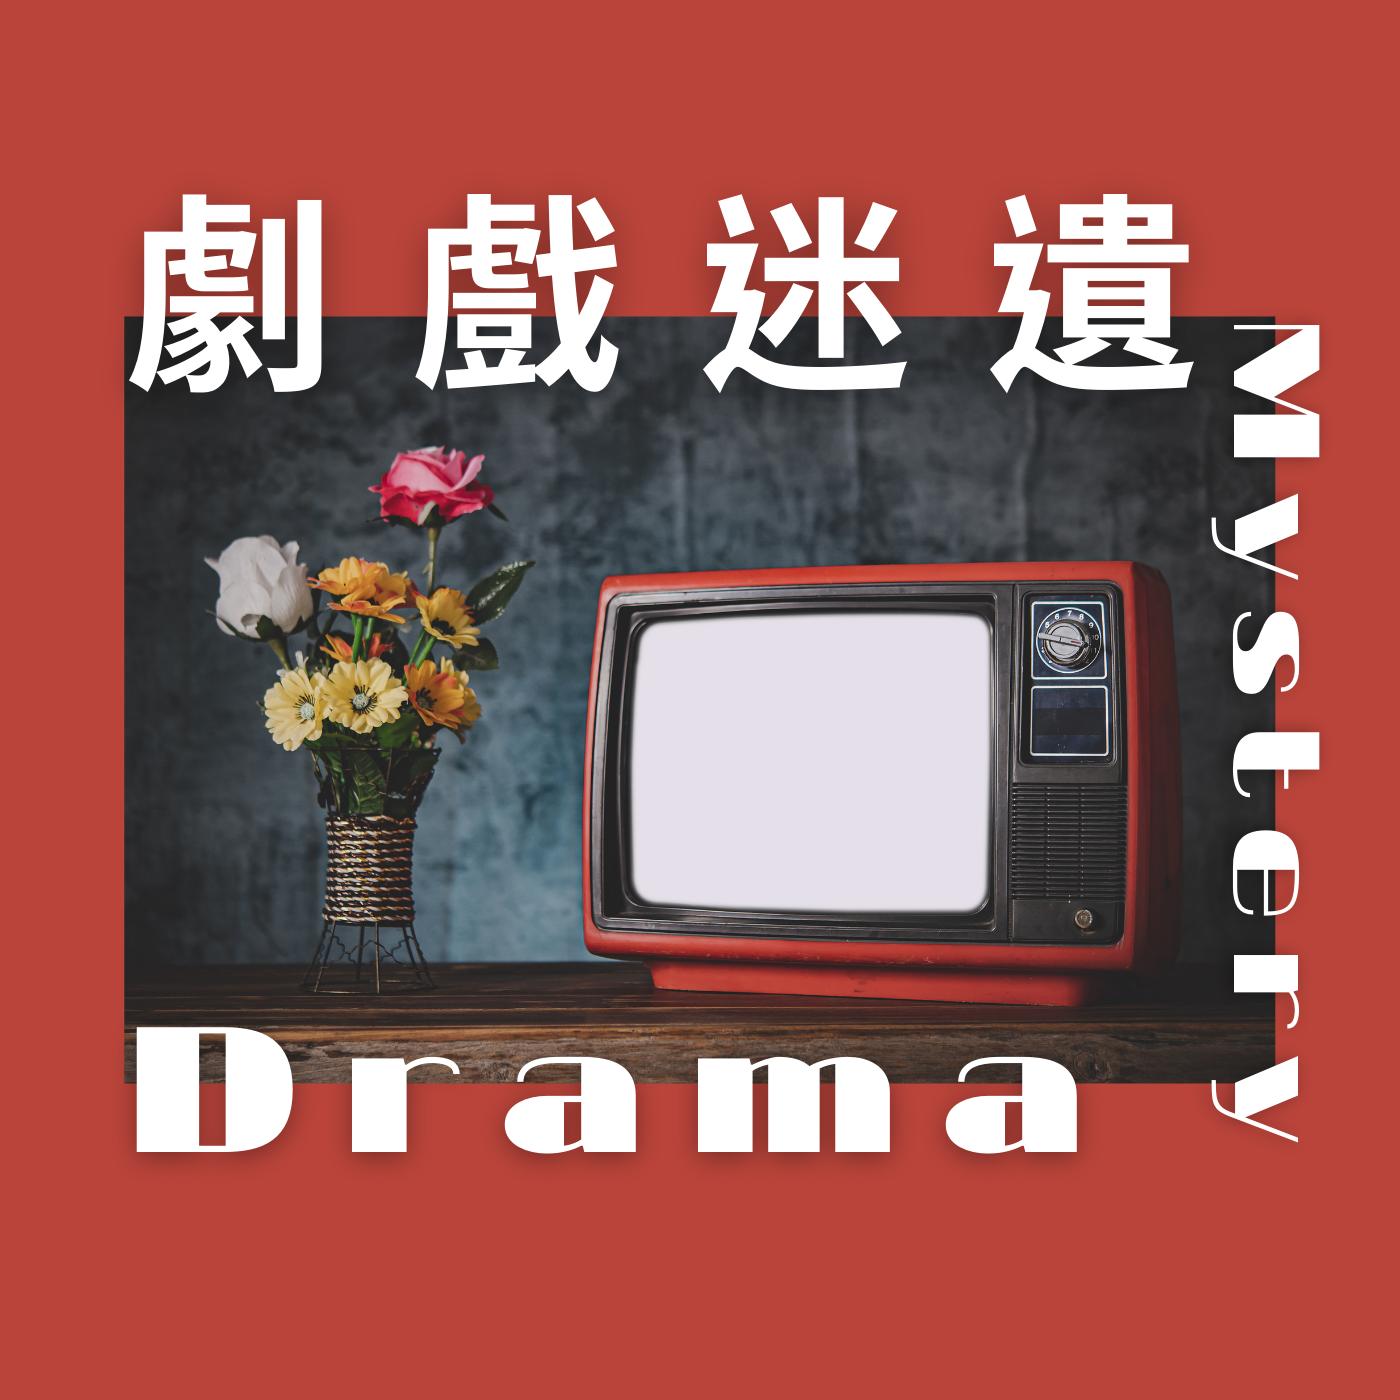 【劇戲迷遺】ep3-近期主打的3部日韓劇